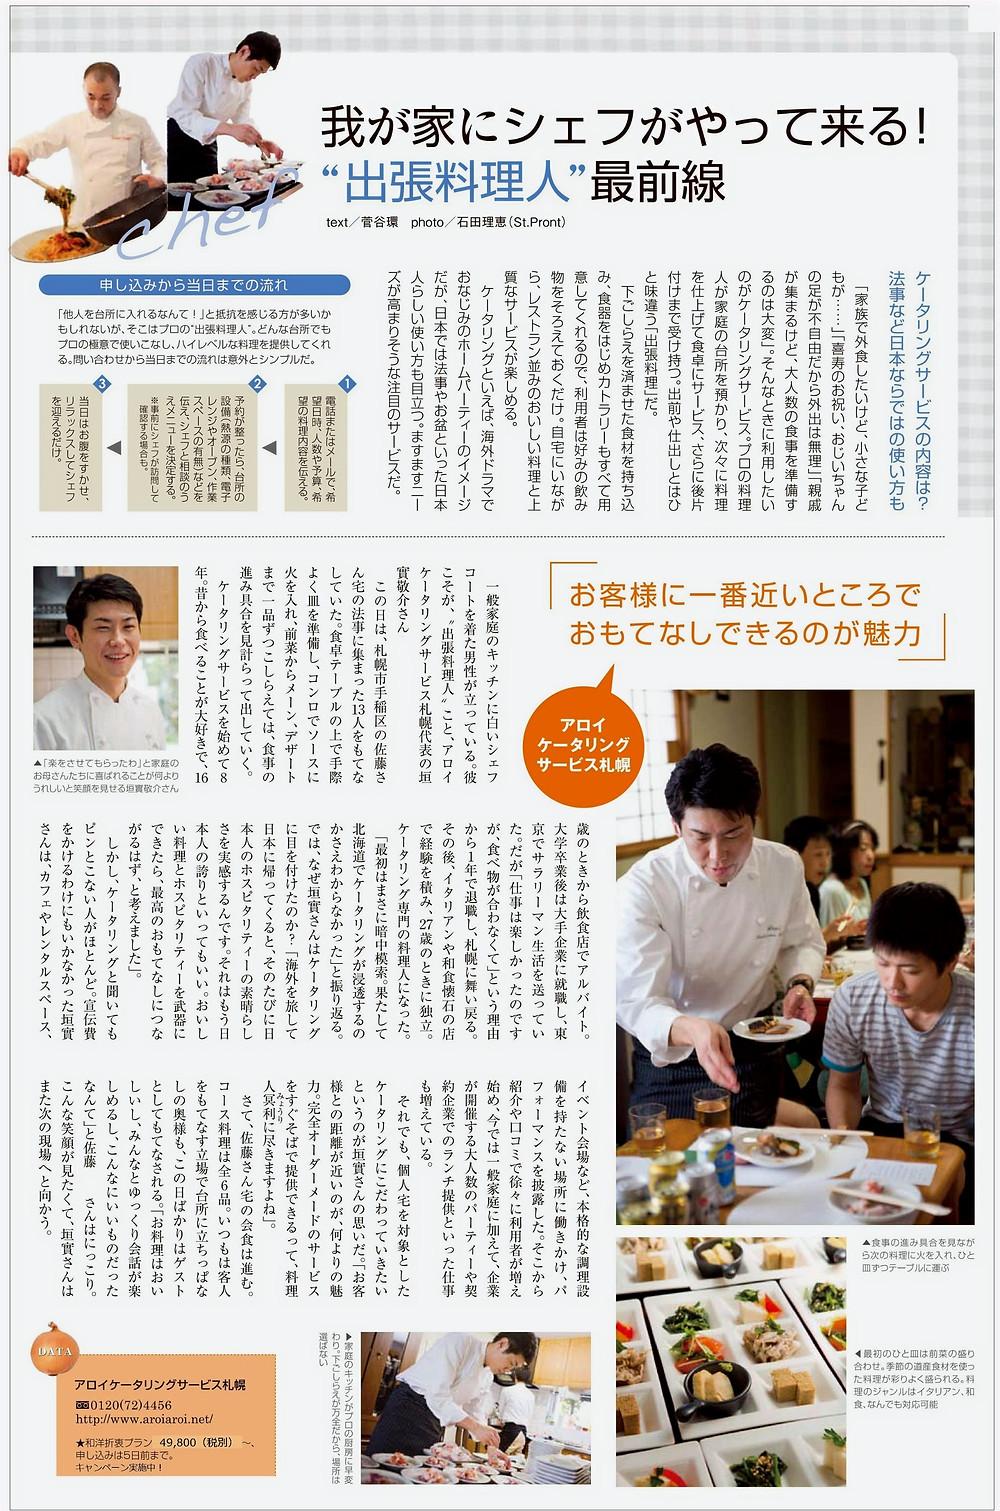 出張料理サービスの紹介記事